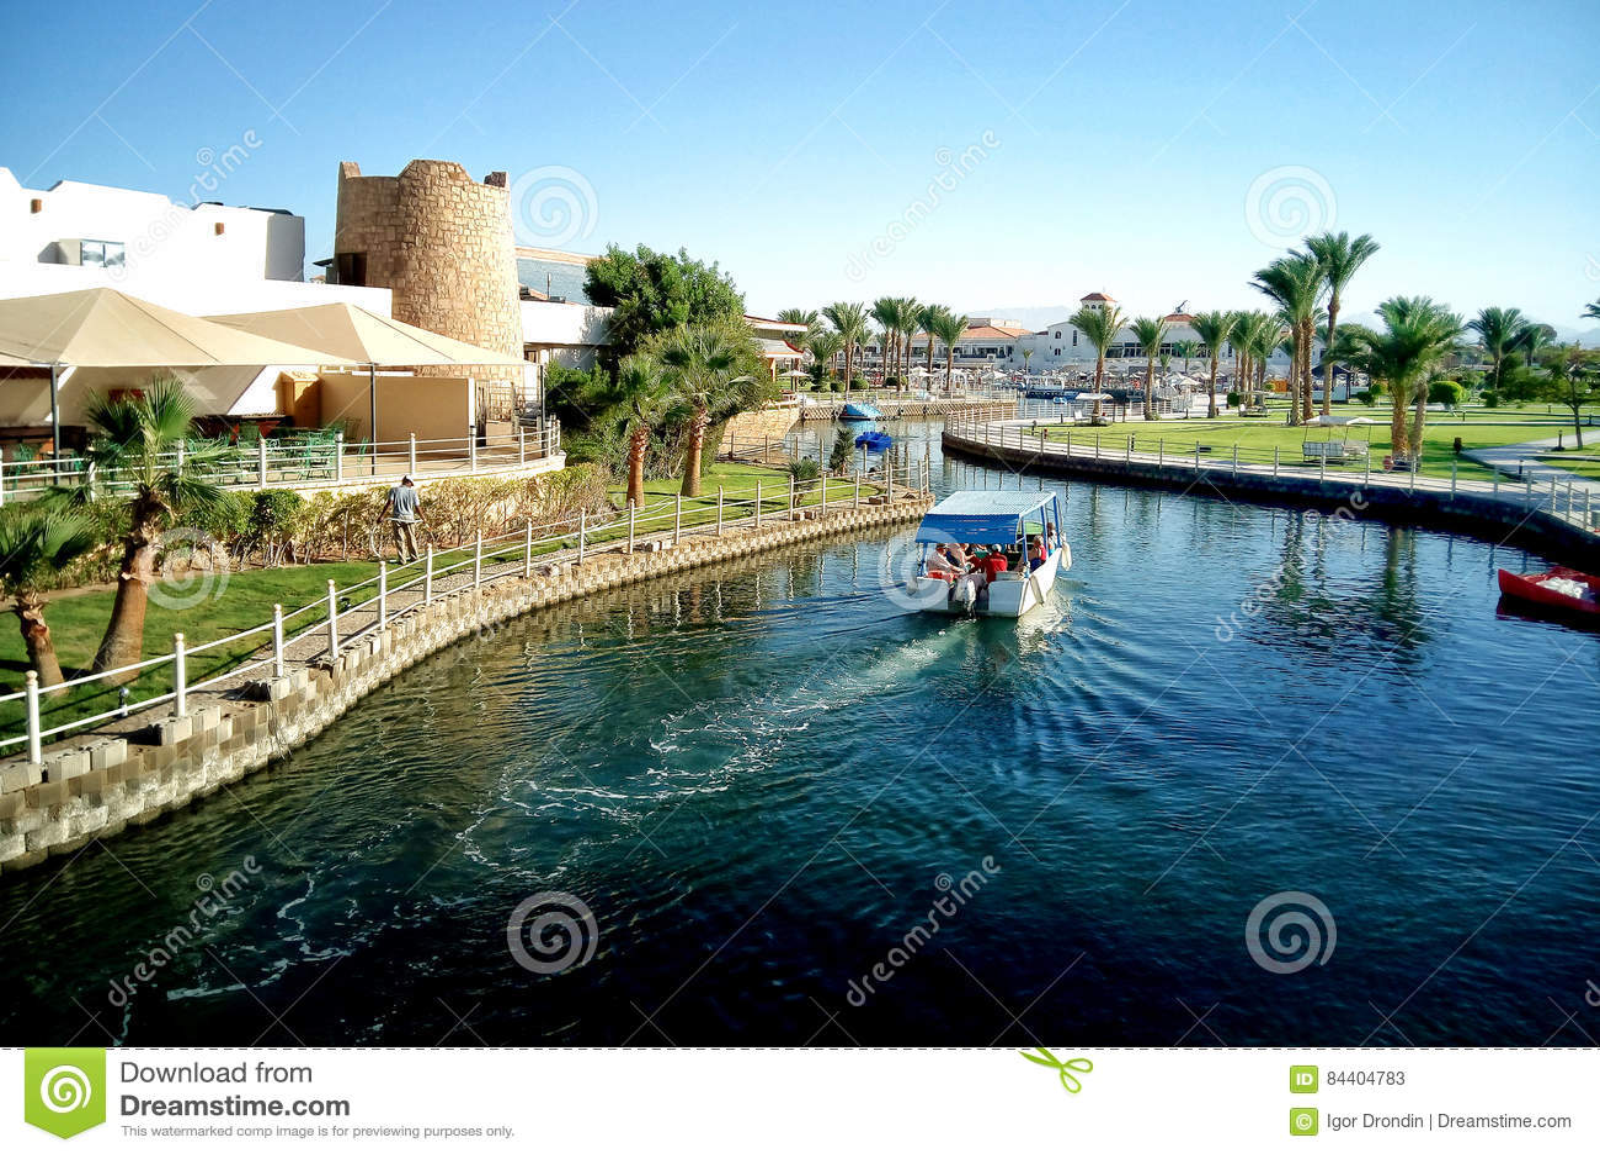 Hurghada, Egipto - 15 de agosto de 2015: El hotel de cinco estrellas lujoso Dana Beach Resort en Hurghada es uno del Pickalbatros